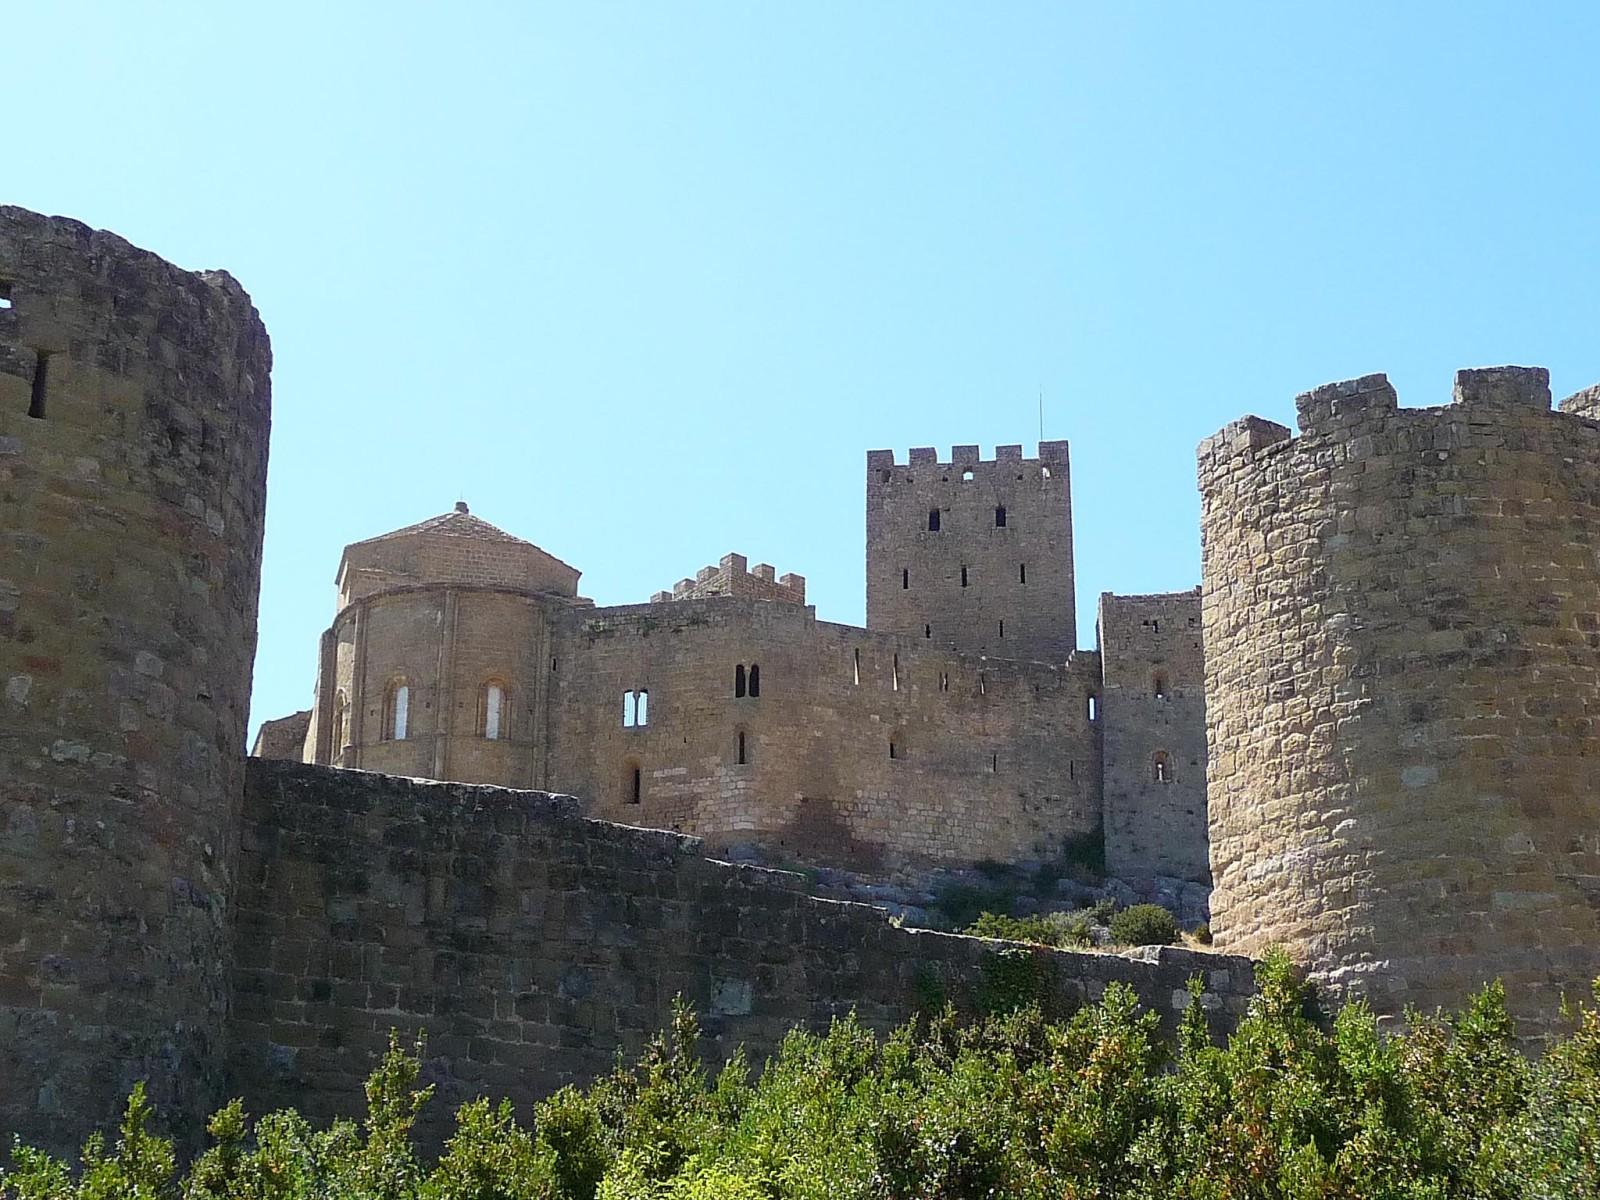 Le château de Loarre en Espagne – 2ème partie